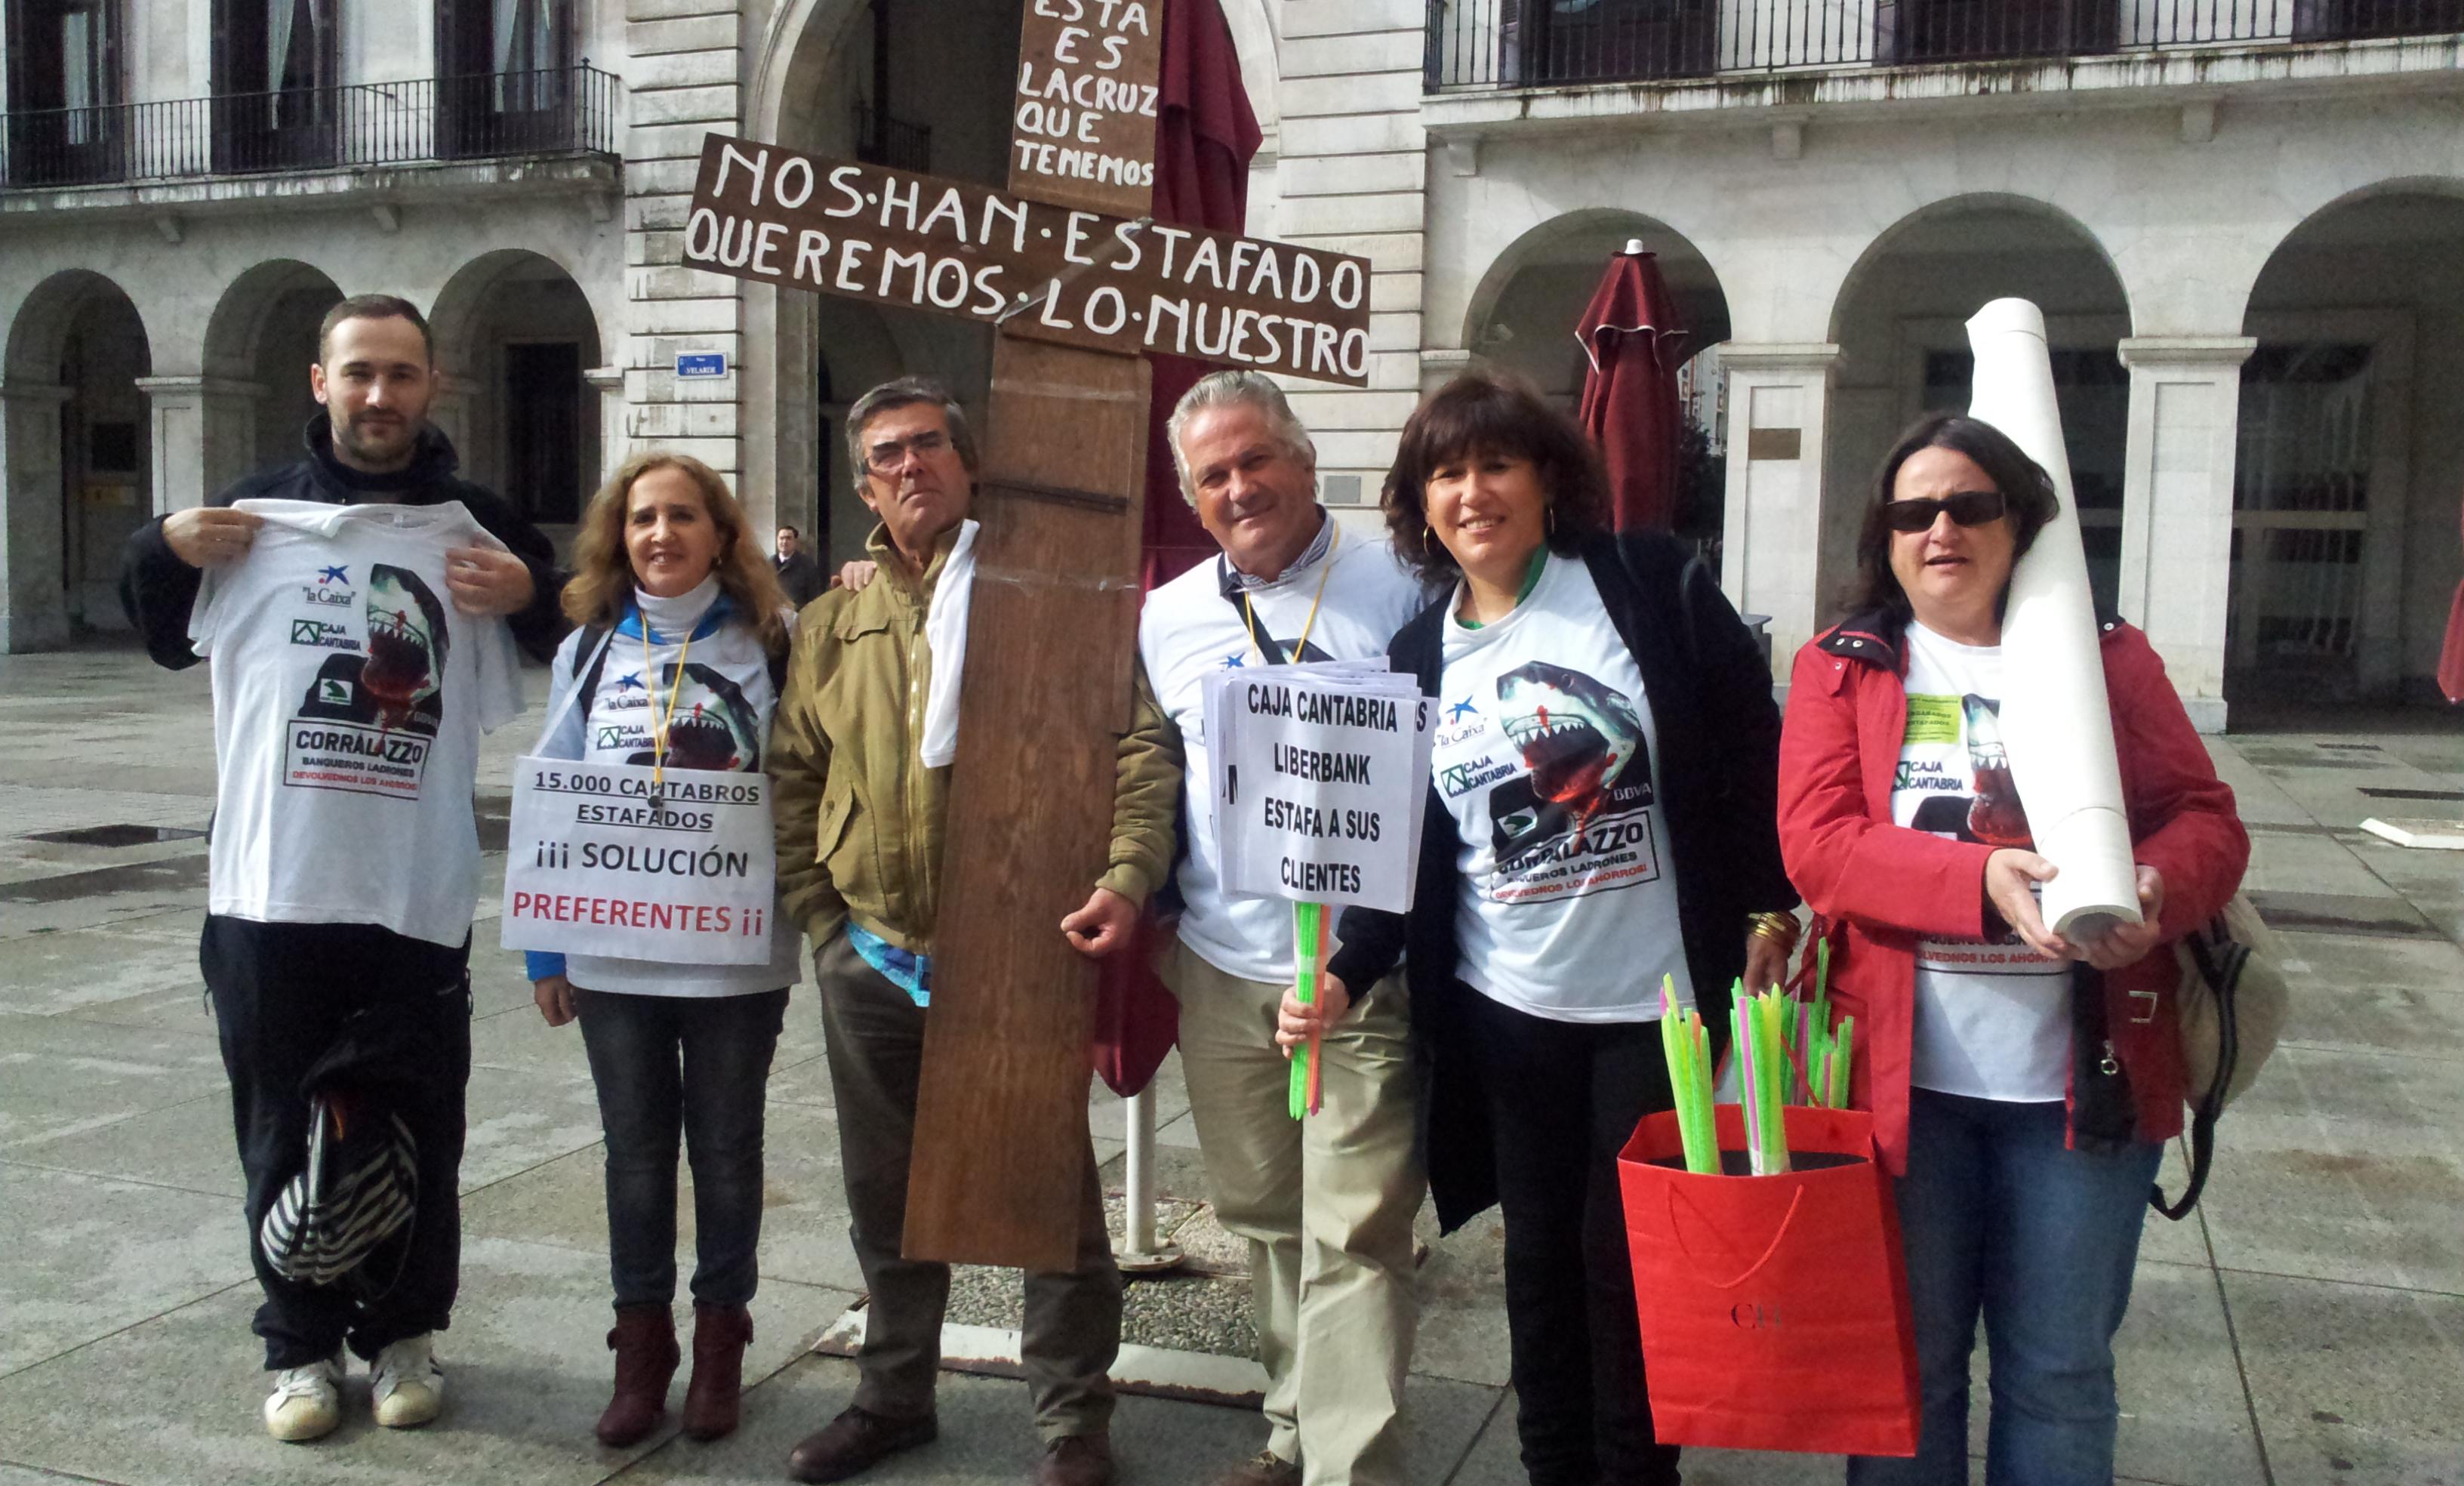 Rosa del Pozo, su marido, y José Luis Cruz junto a un grupo de compañeros durante una protesta.